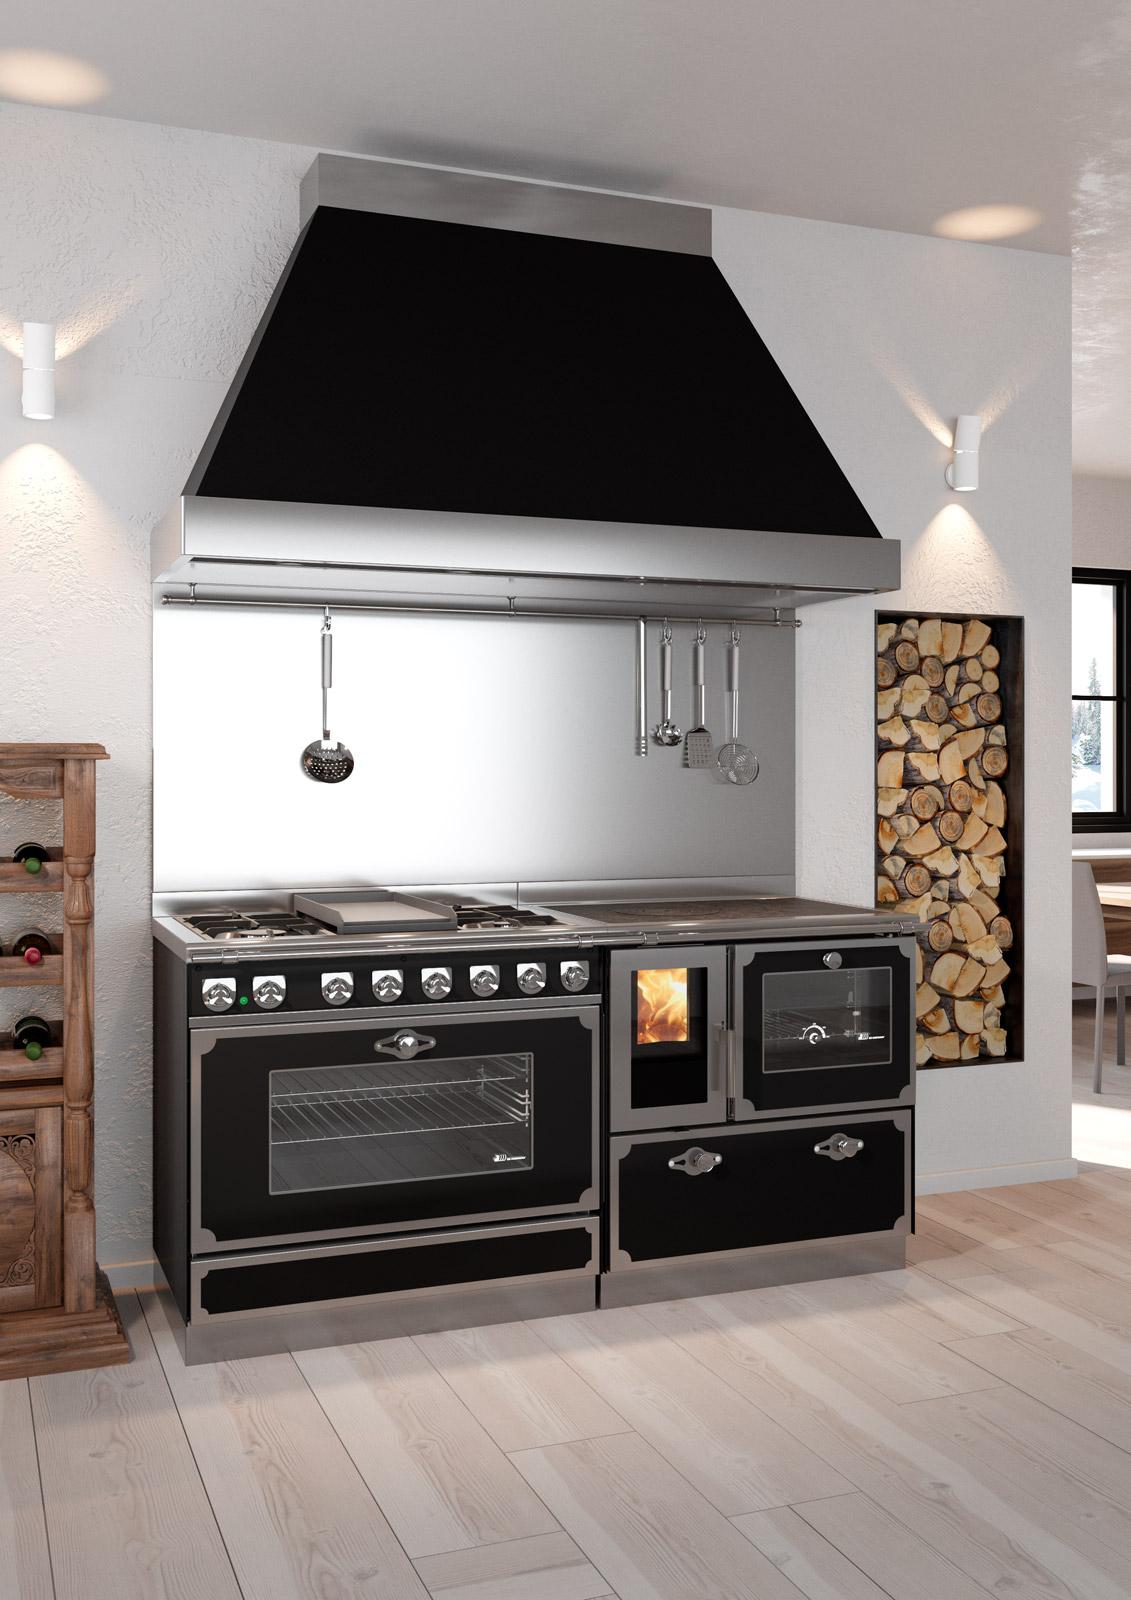 Cucine Combinate Gas Legna Prezzi. Cool Cucina Combinata Legna E Gas ...